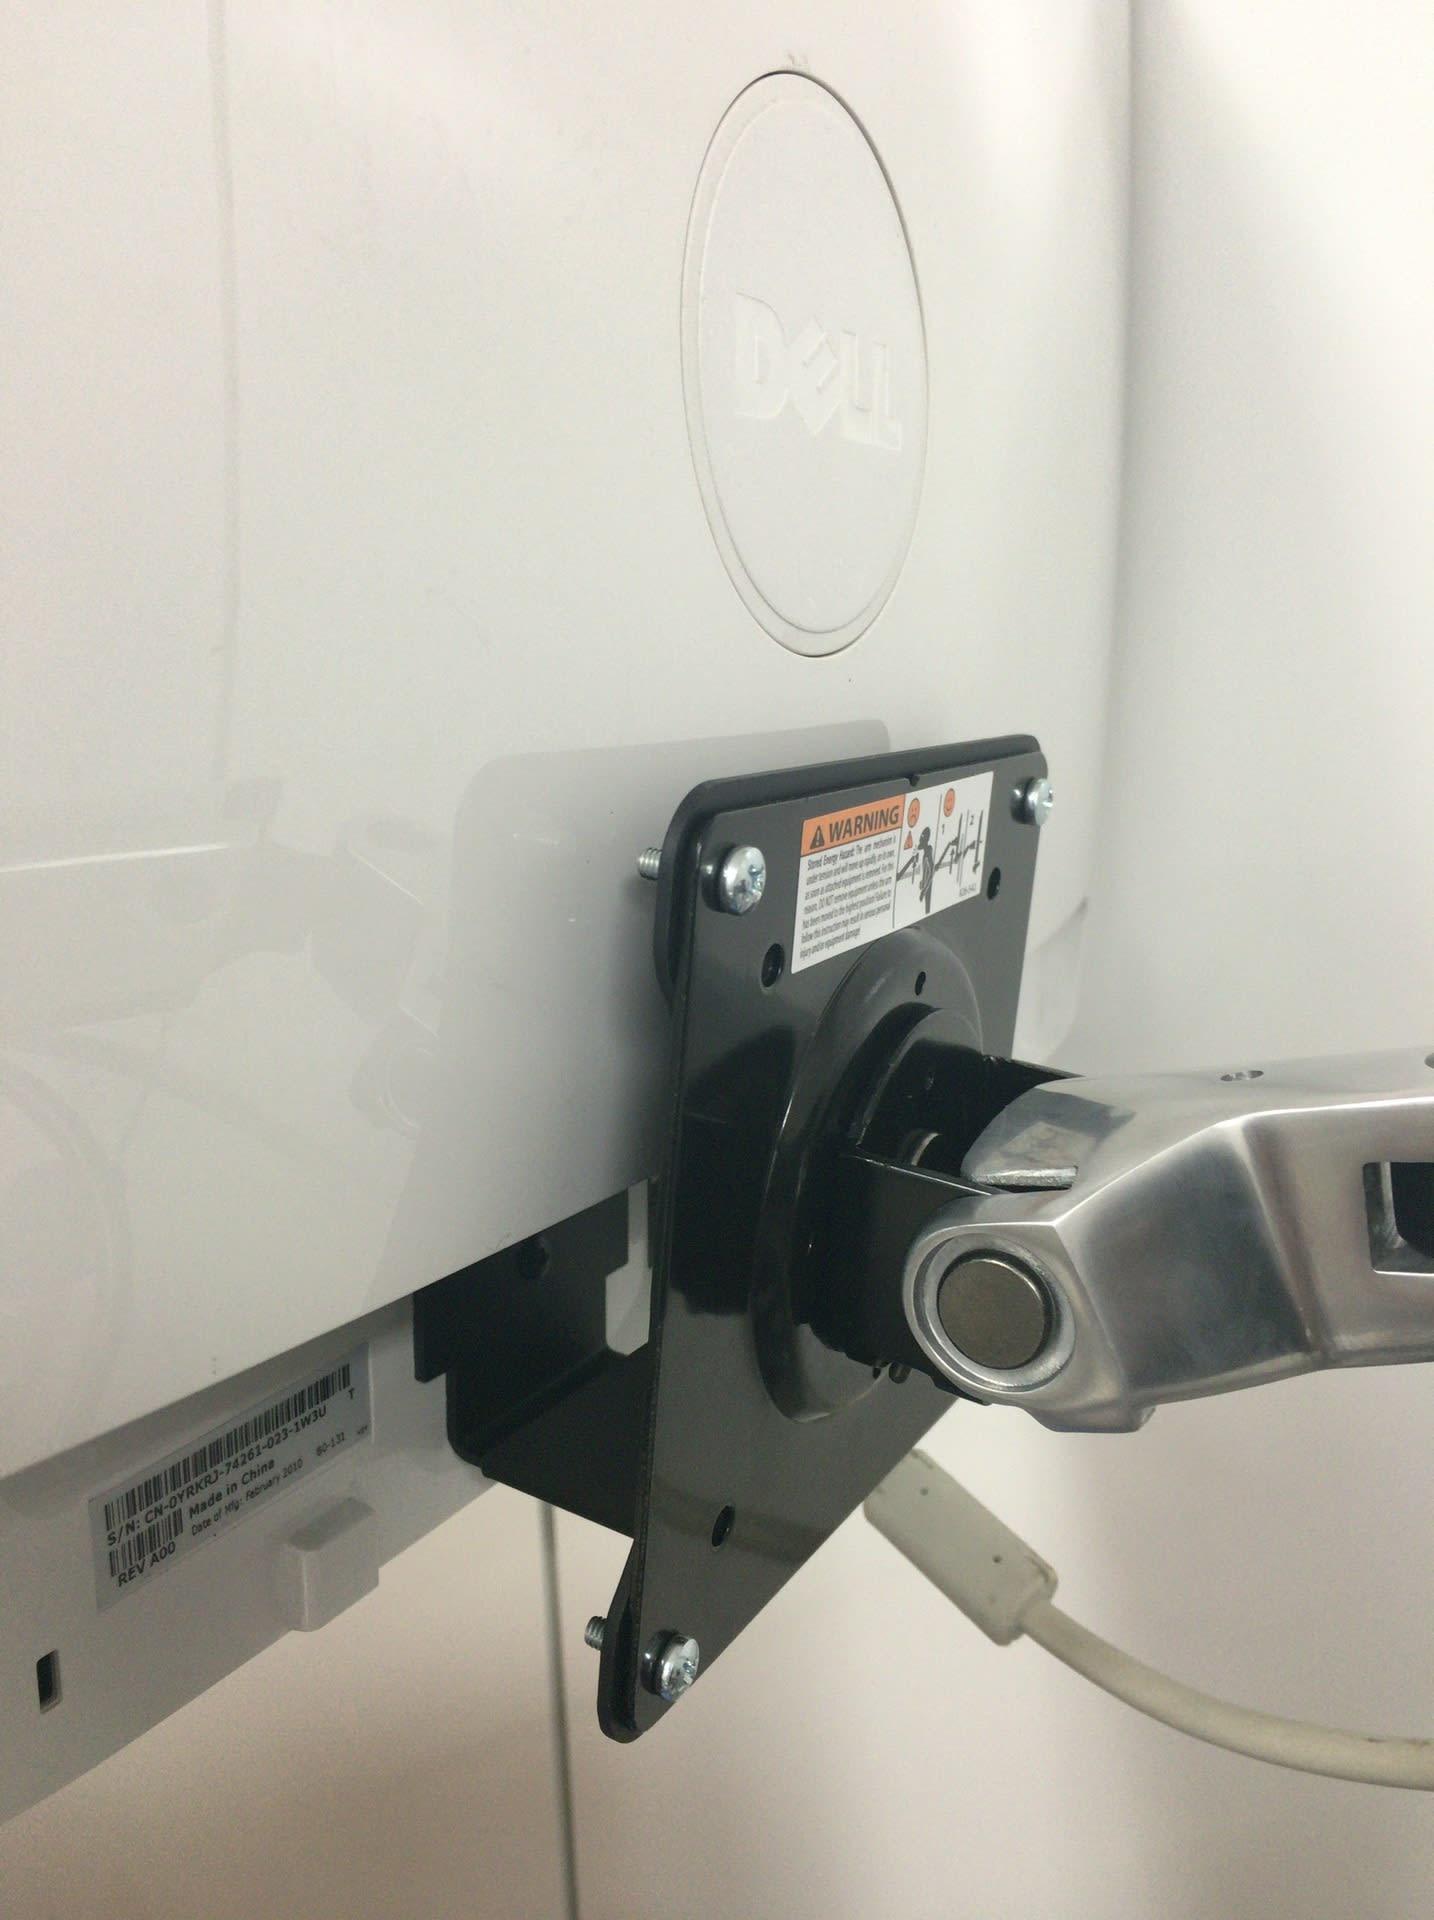 モニター アーム dell 液晶モニタ角度調整の機能(チルトとスイベルとピボット機能)/パソコン知識